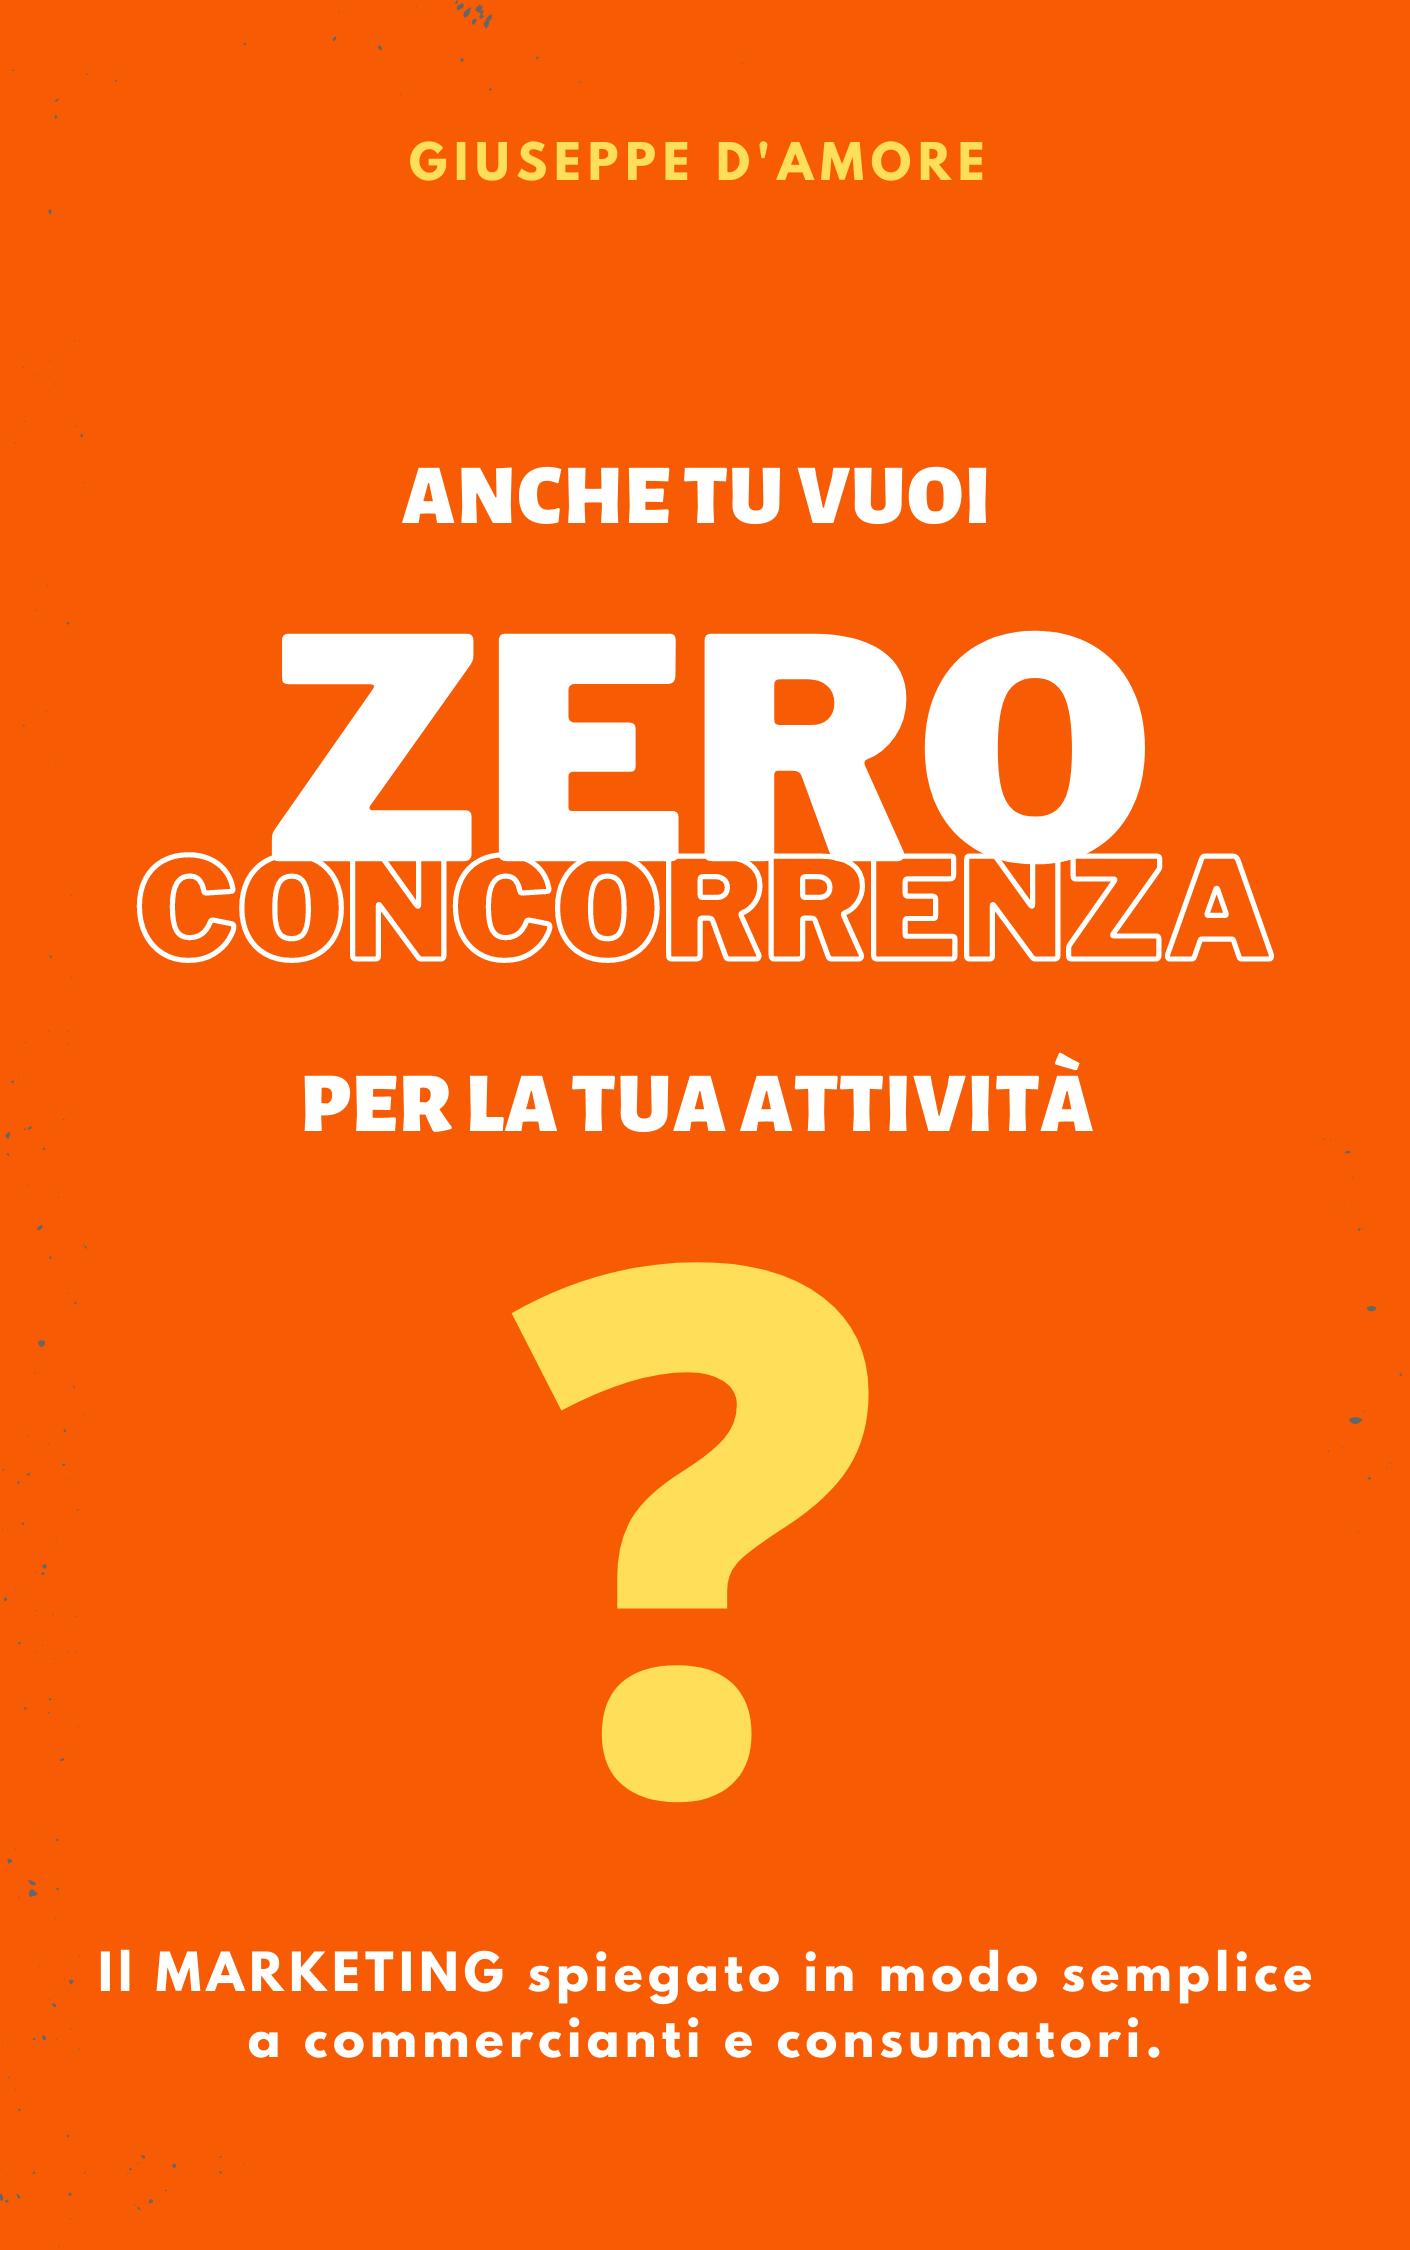 Anche tu vuoi Zero Concorrenza per la tua attività?: Il marketing spiegato in modo semplice a commercianti e consumatori.